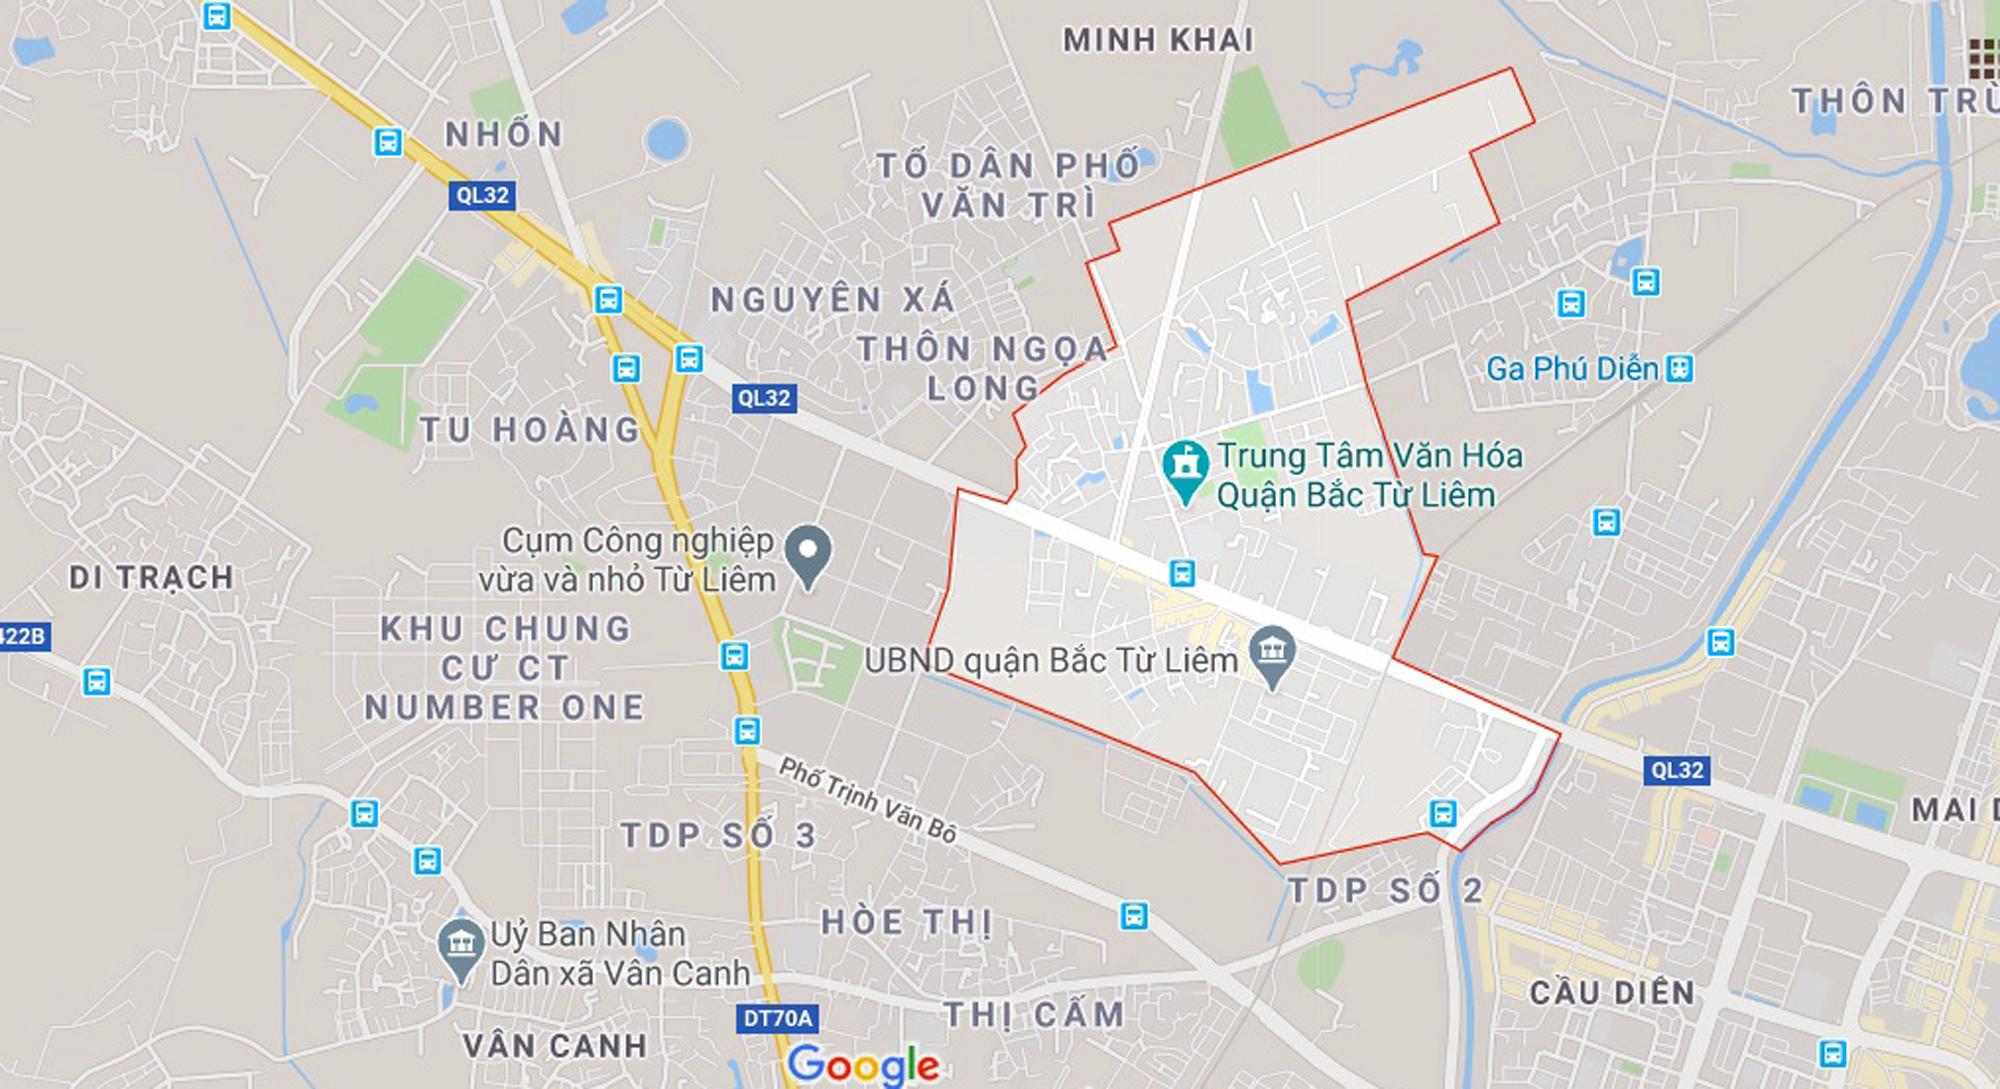 4 đường sẽ mở theo qui hoạch ở phường Phúc Diễn, Bắc Từ Liêm - Ảnh 1.